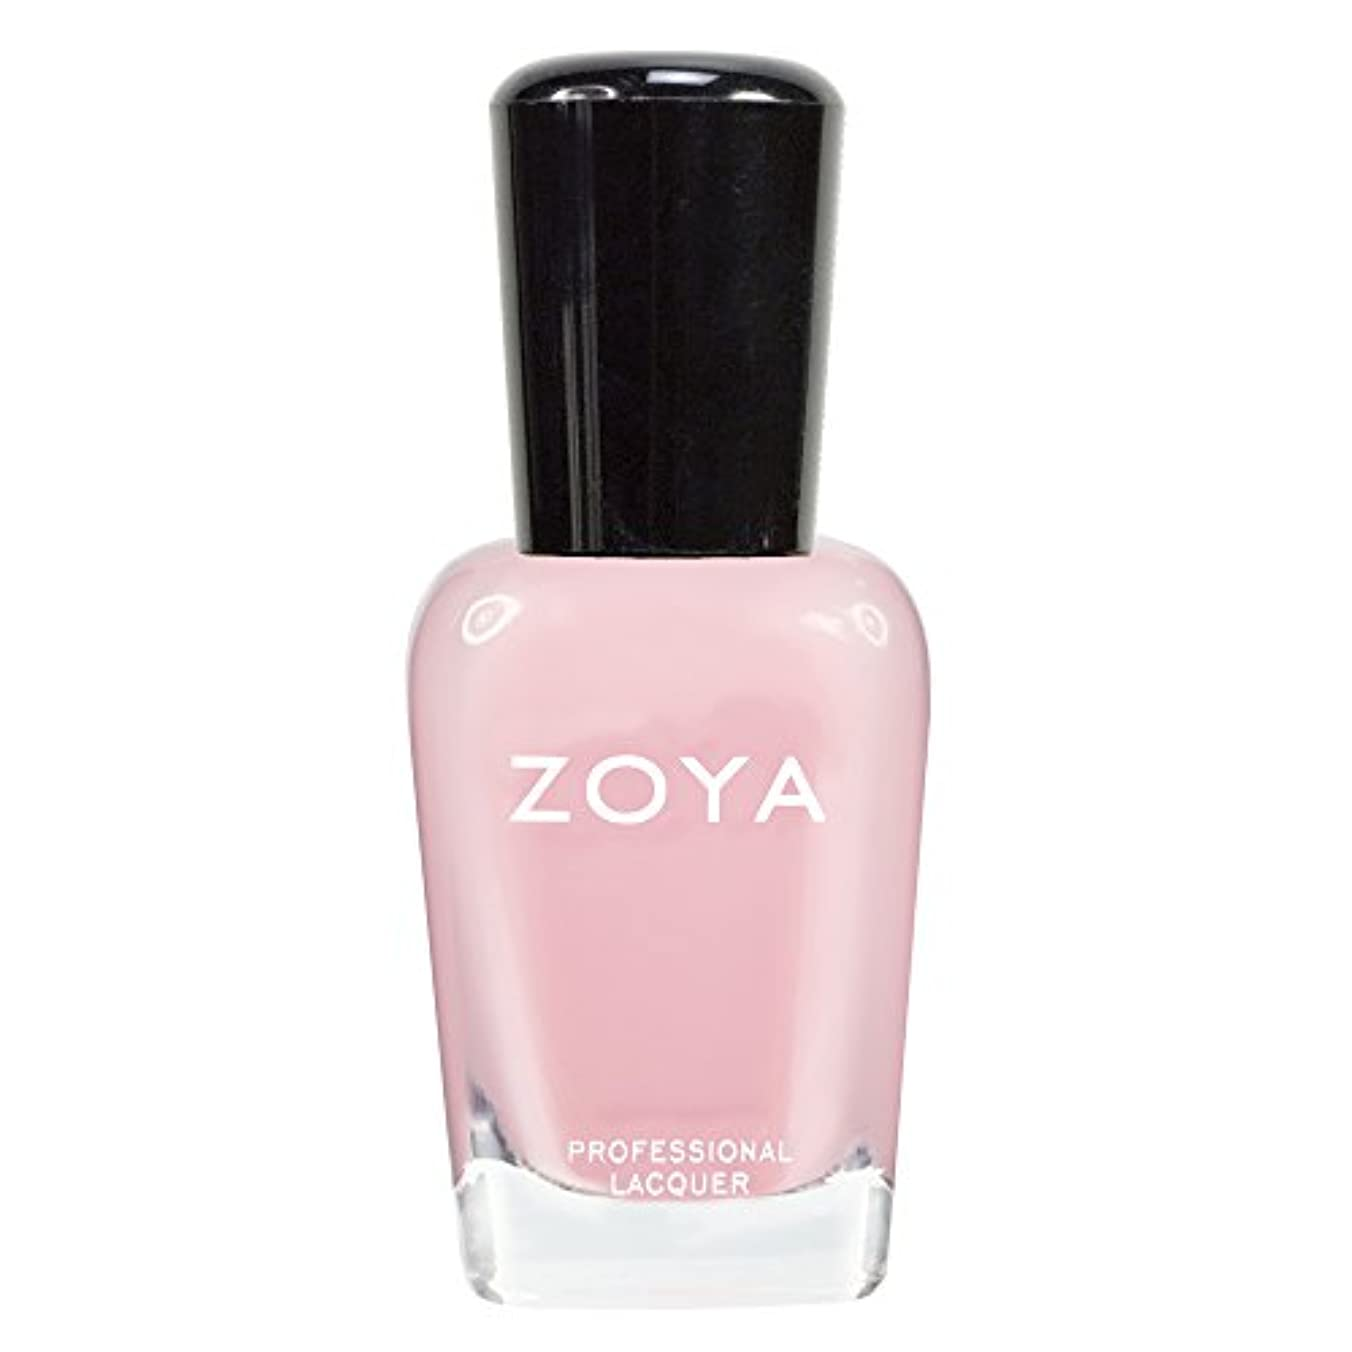 大きい悲しいことに起点ZOYA ゾーヤ ネイルカラーZP433 LAURIE ローリー 15ml 可愛く色づく桜の花ようなピンク シアー/クリーム 爪にやさしいネイルラッカーマニキュア